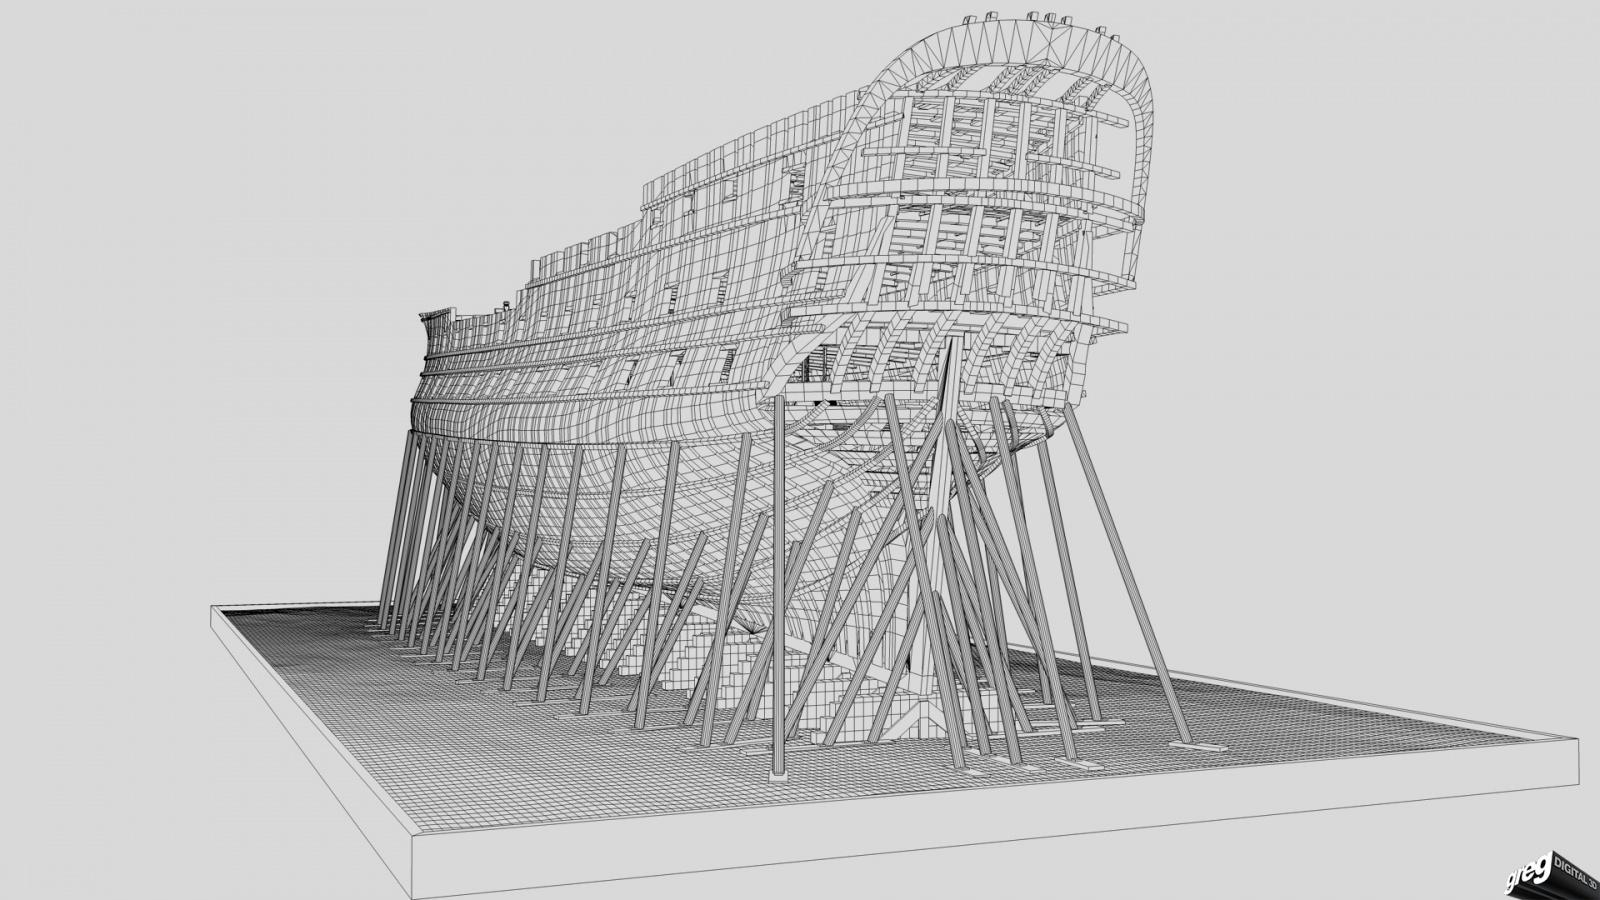 Vaisseau 74 canons Lucide [Création 3D] de Greg_3D - Page 6 349628Squelettemaillages